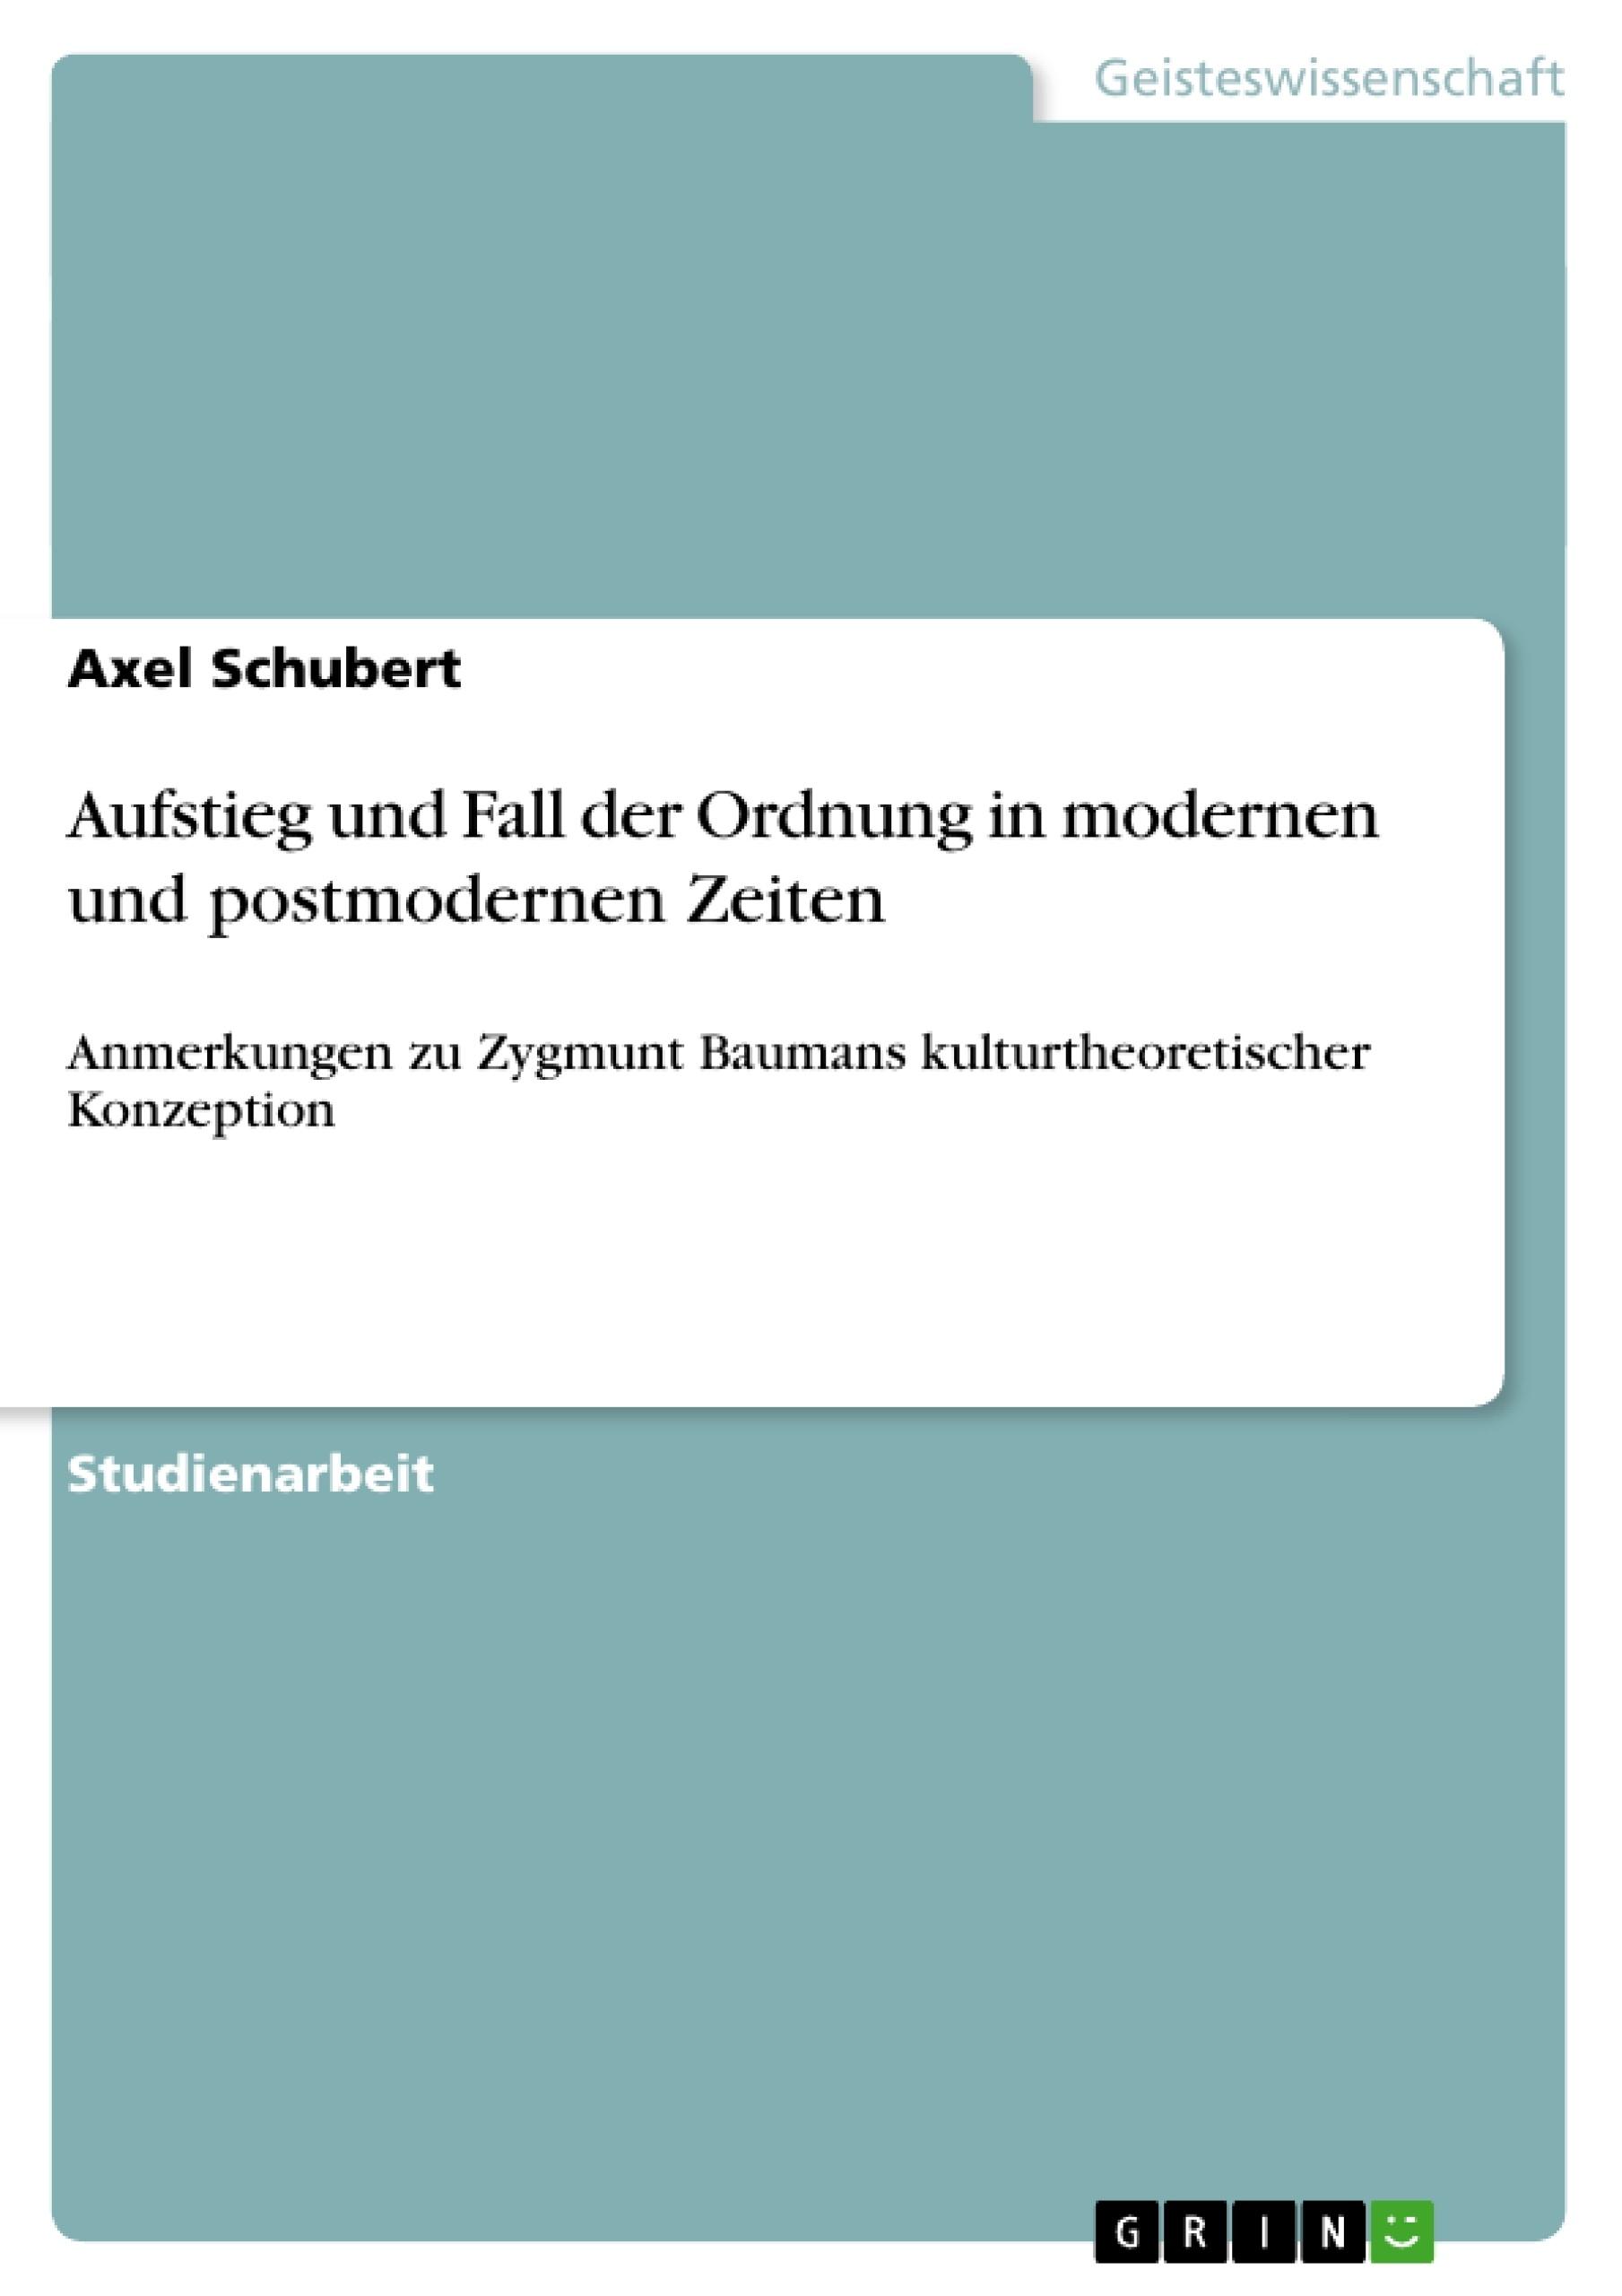 Titel: Aufstieg und Fall der Ordnung in modernen und postmodernen Zeiten